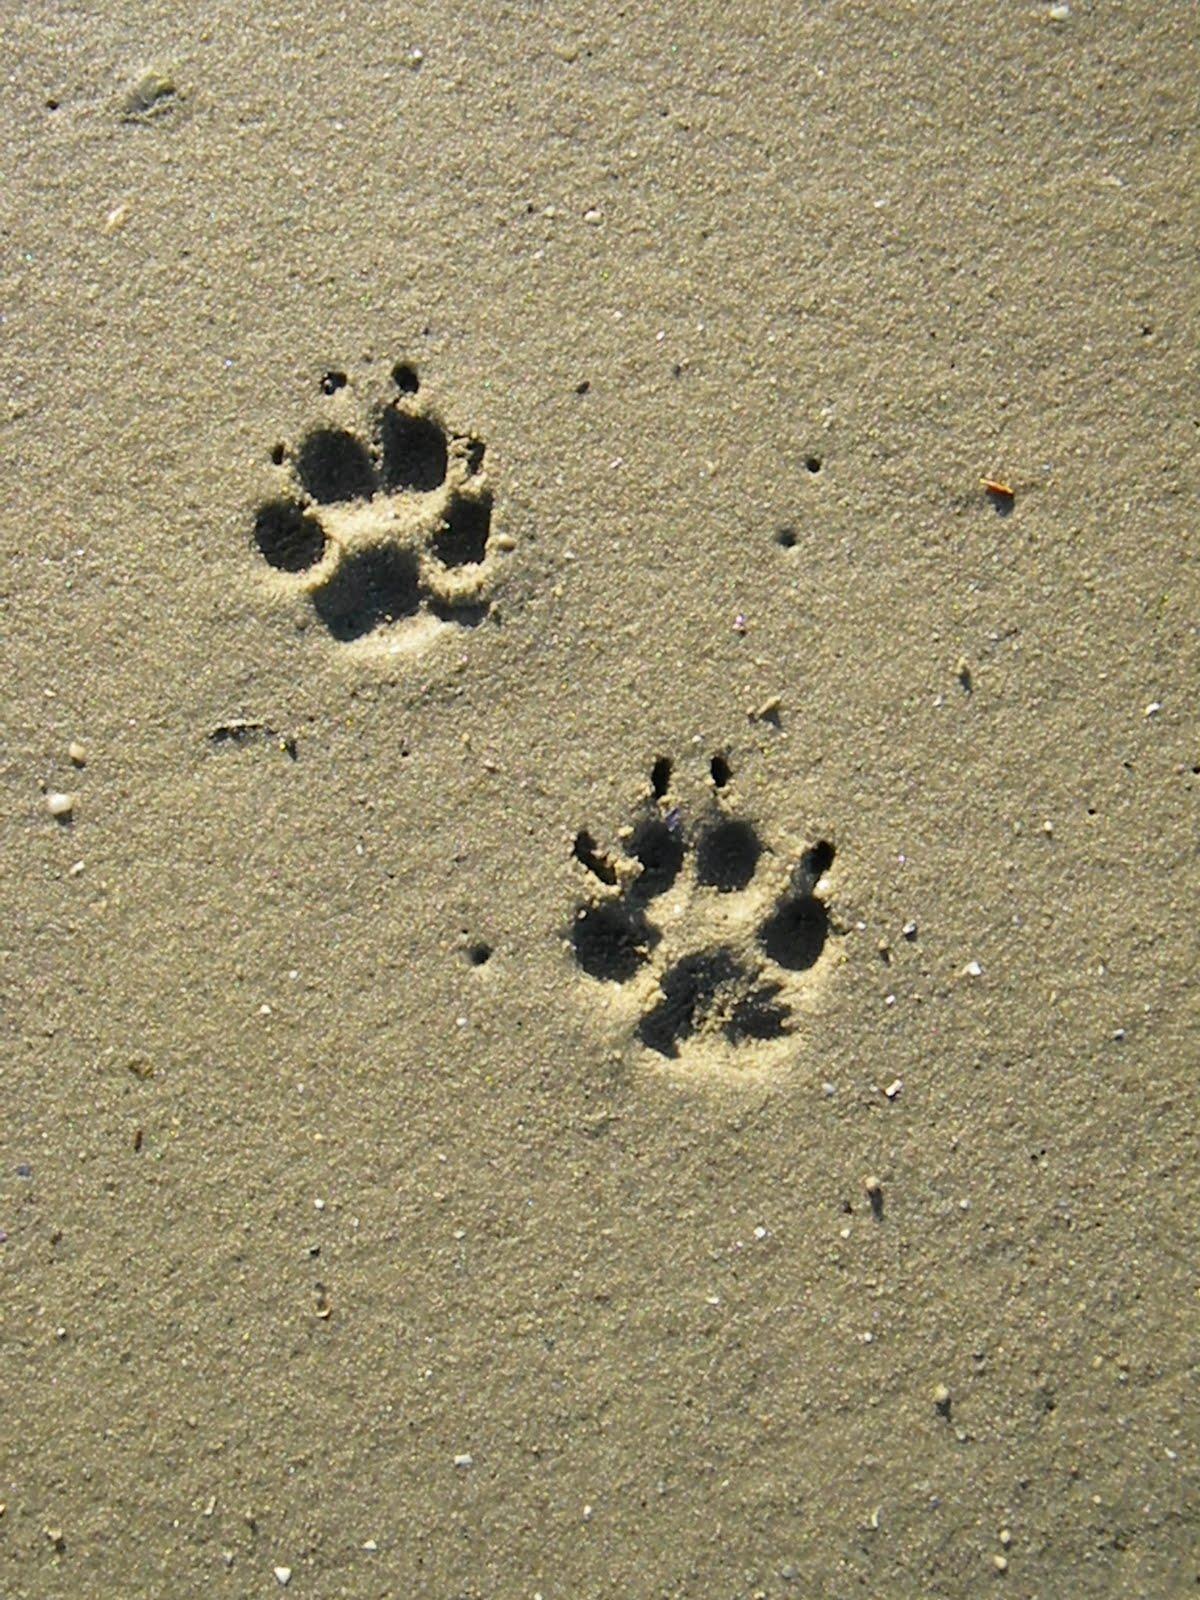 猫爪印与狗爪印区别在哪儿?